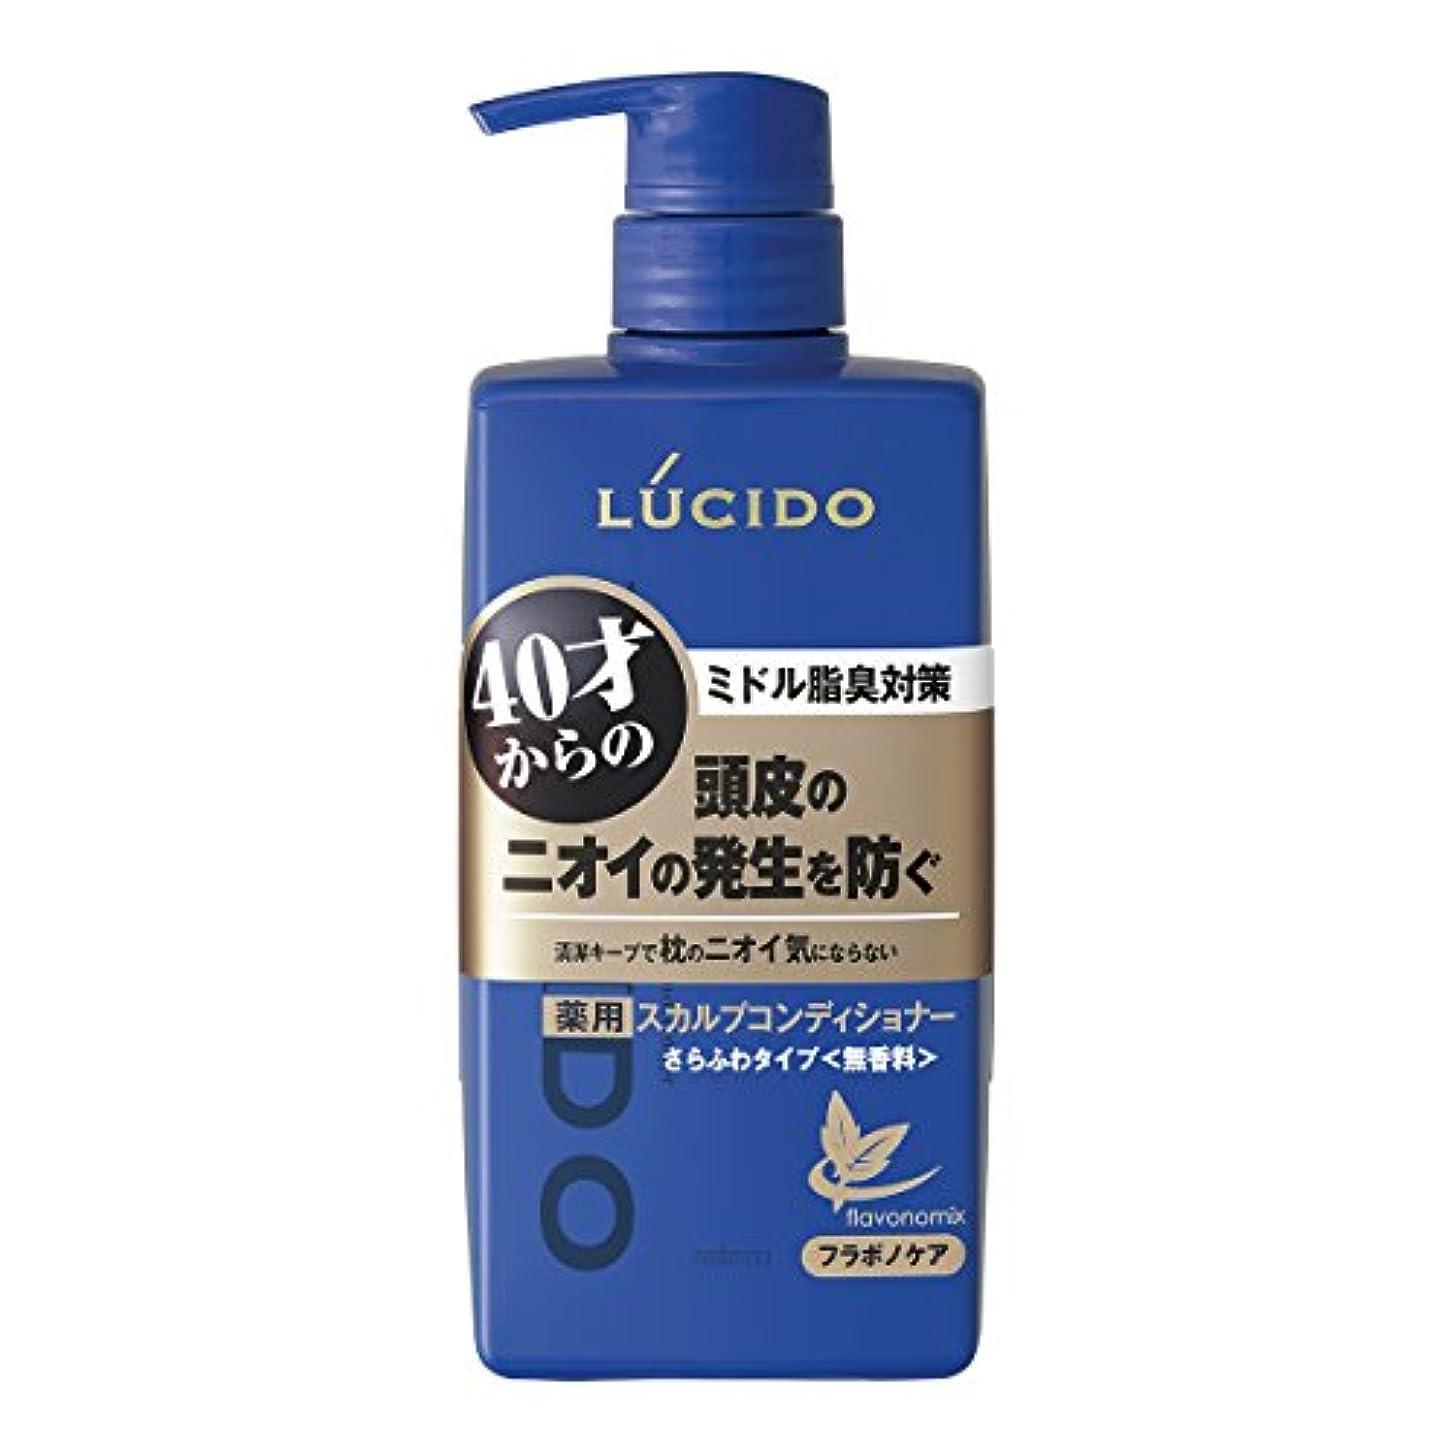 食用優遇キリンルシード 薬用ヘア&スカルプコンディショナー 450g(医薬部外品)